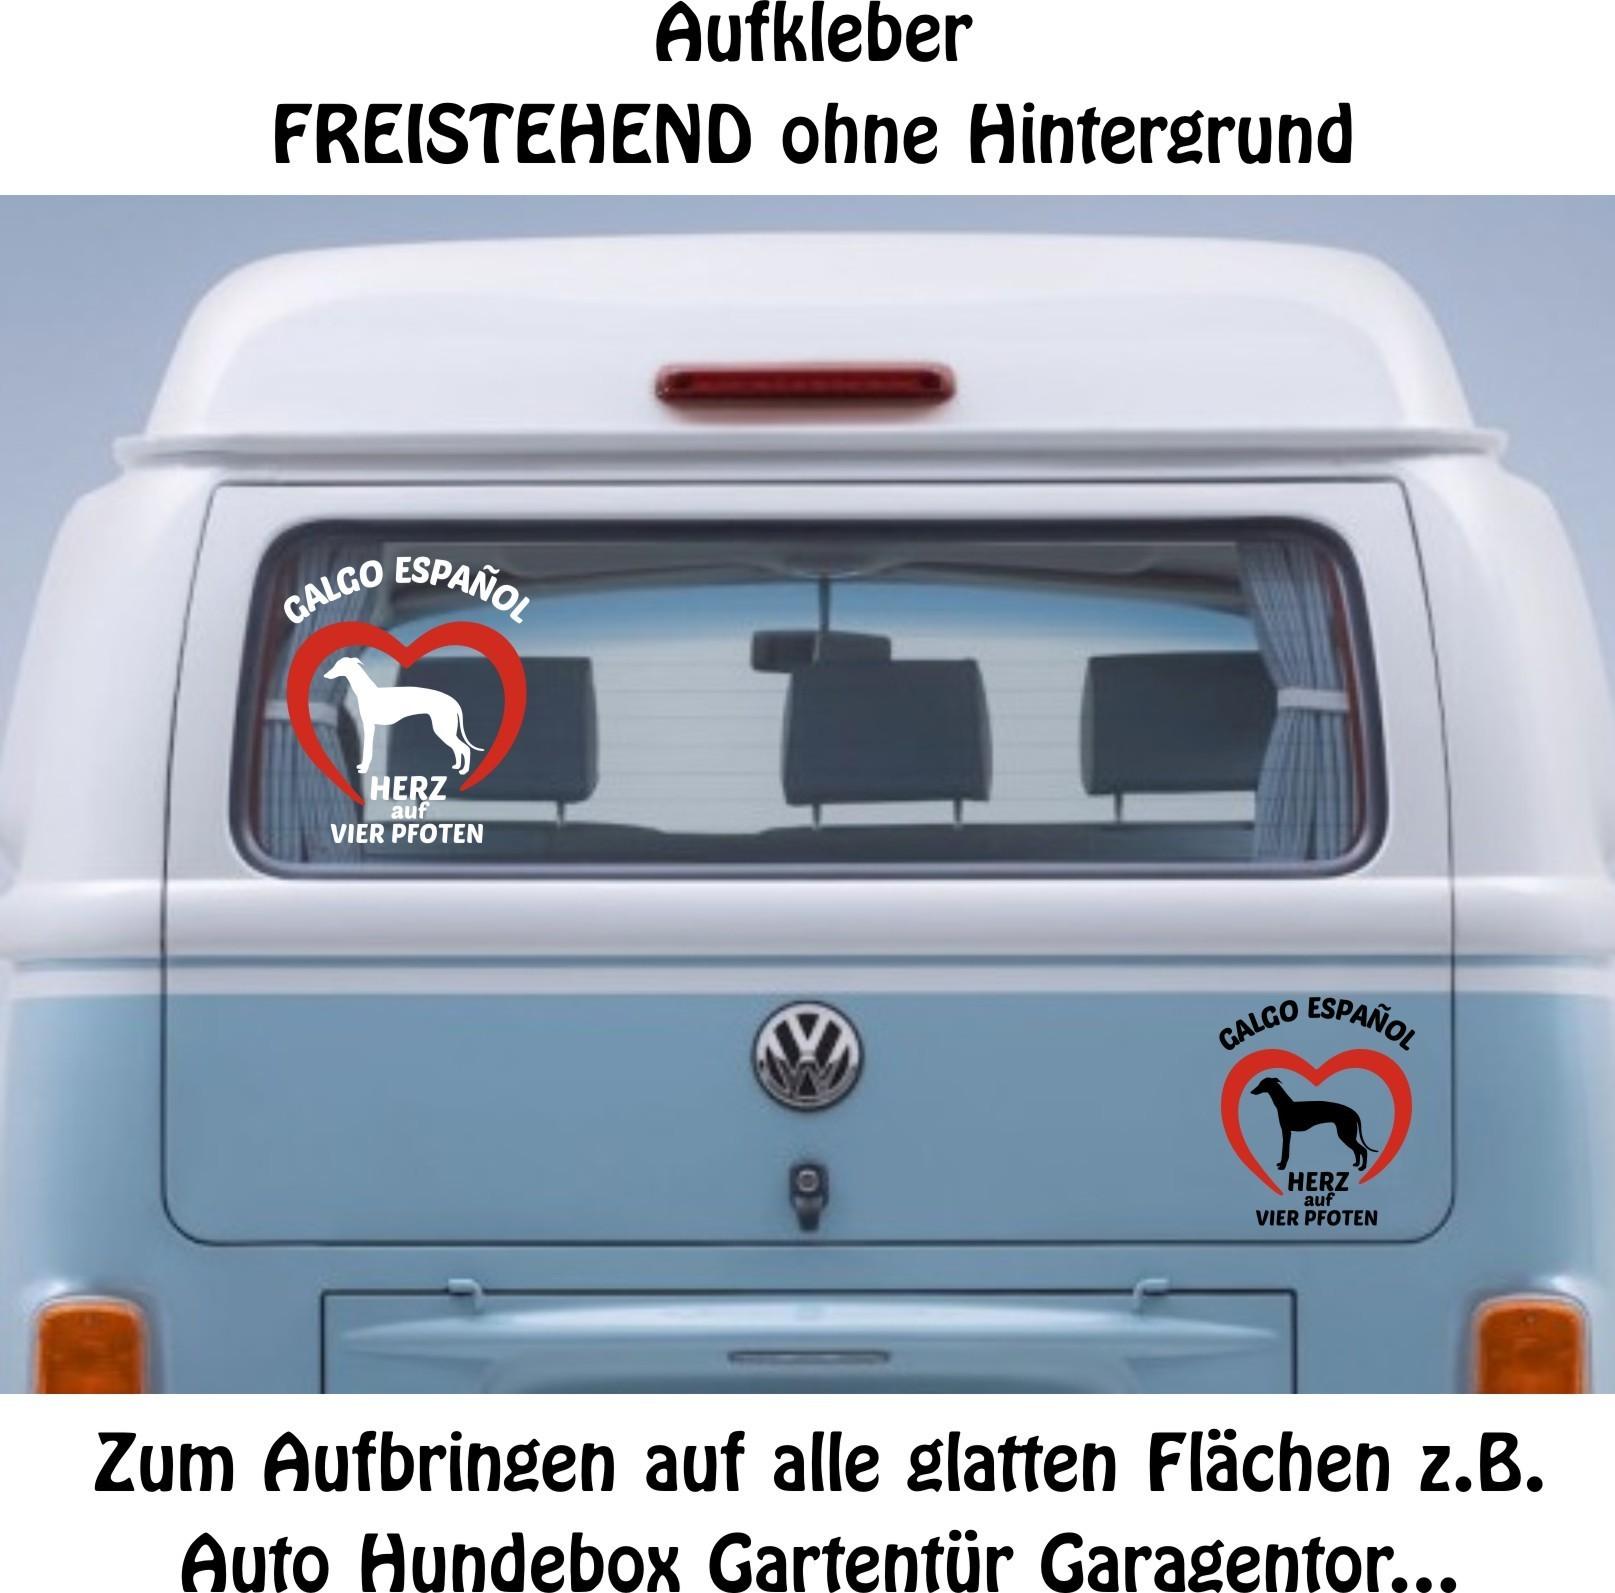 Galgo Espanol Windhund Hunde Auto Aufkleber Sticker Folie Herz Auf Vier Pfoten